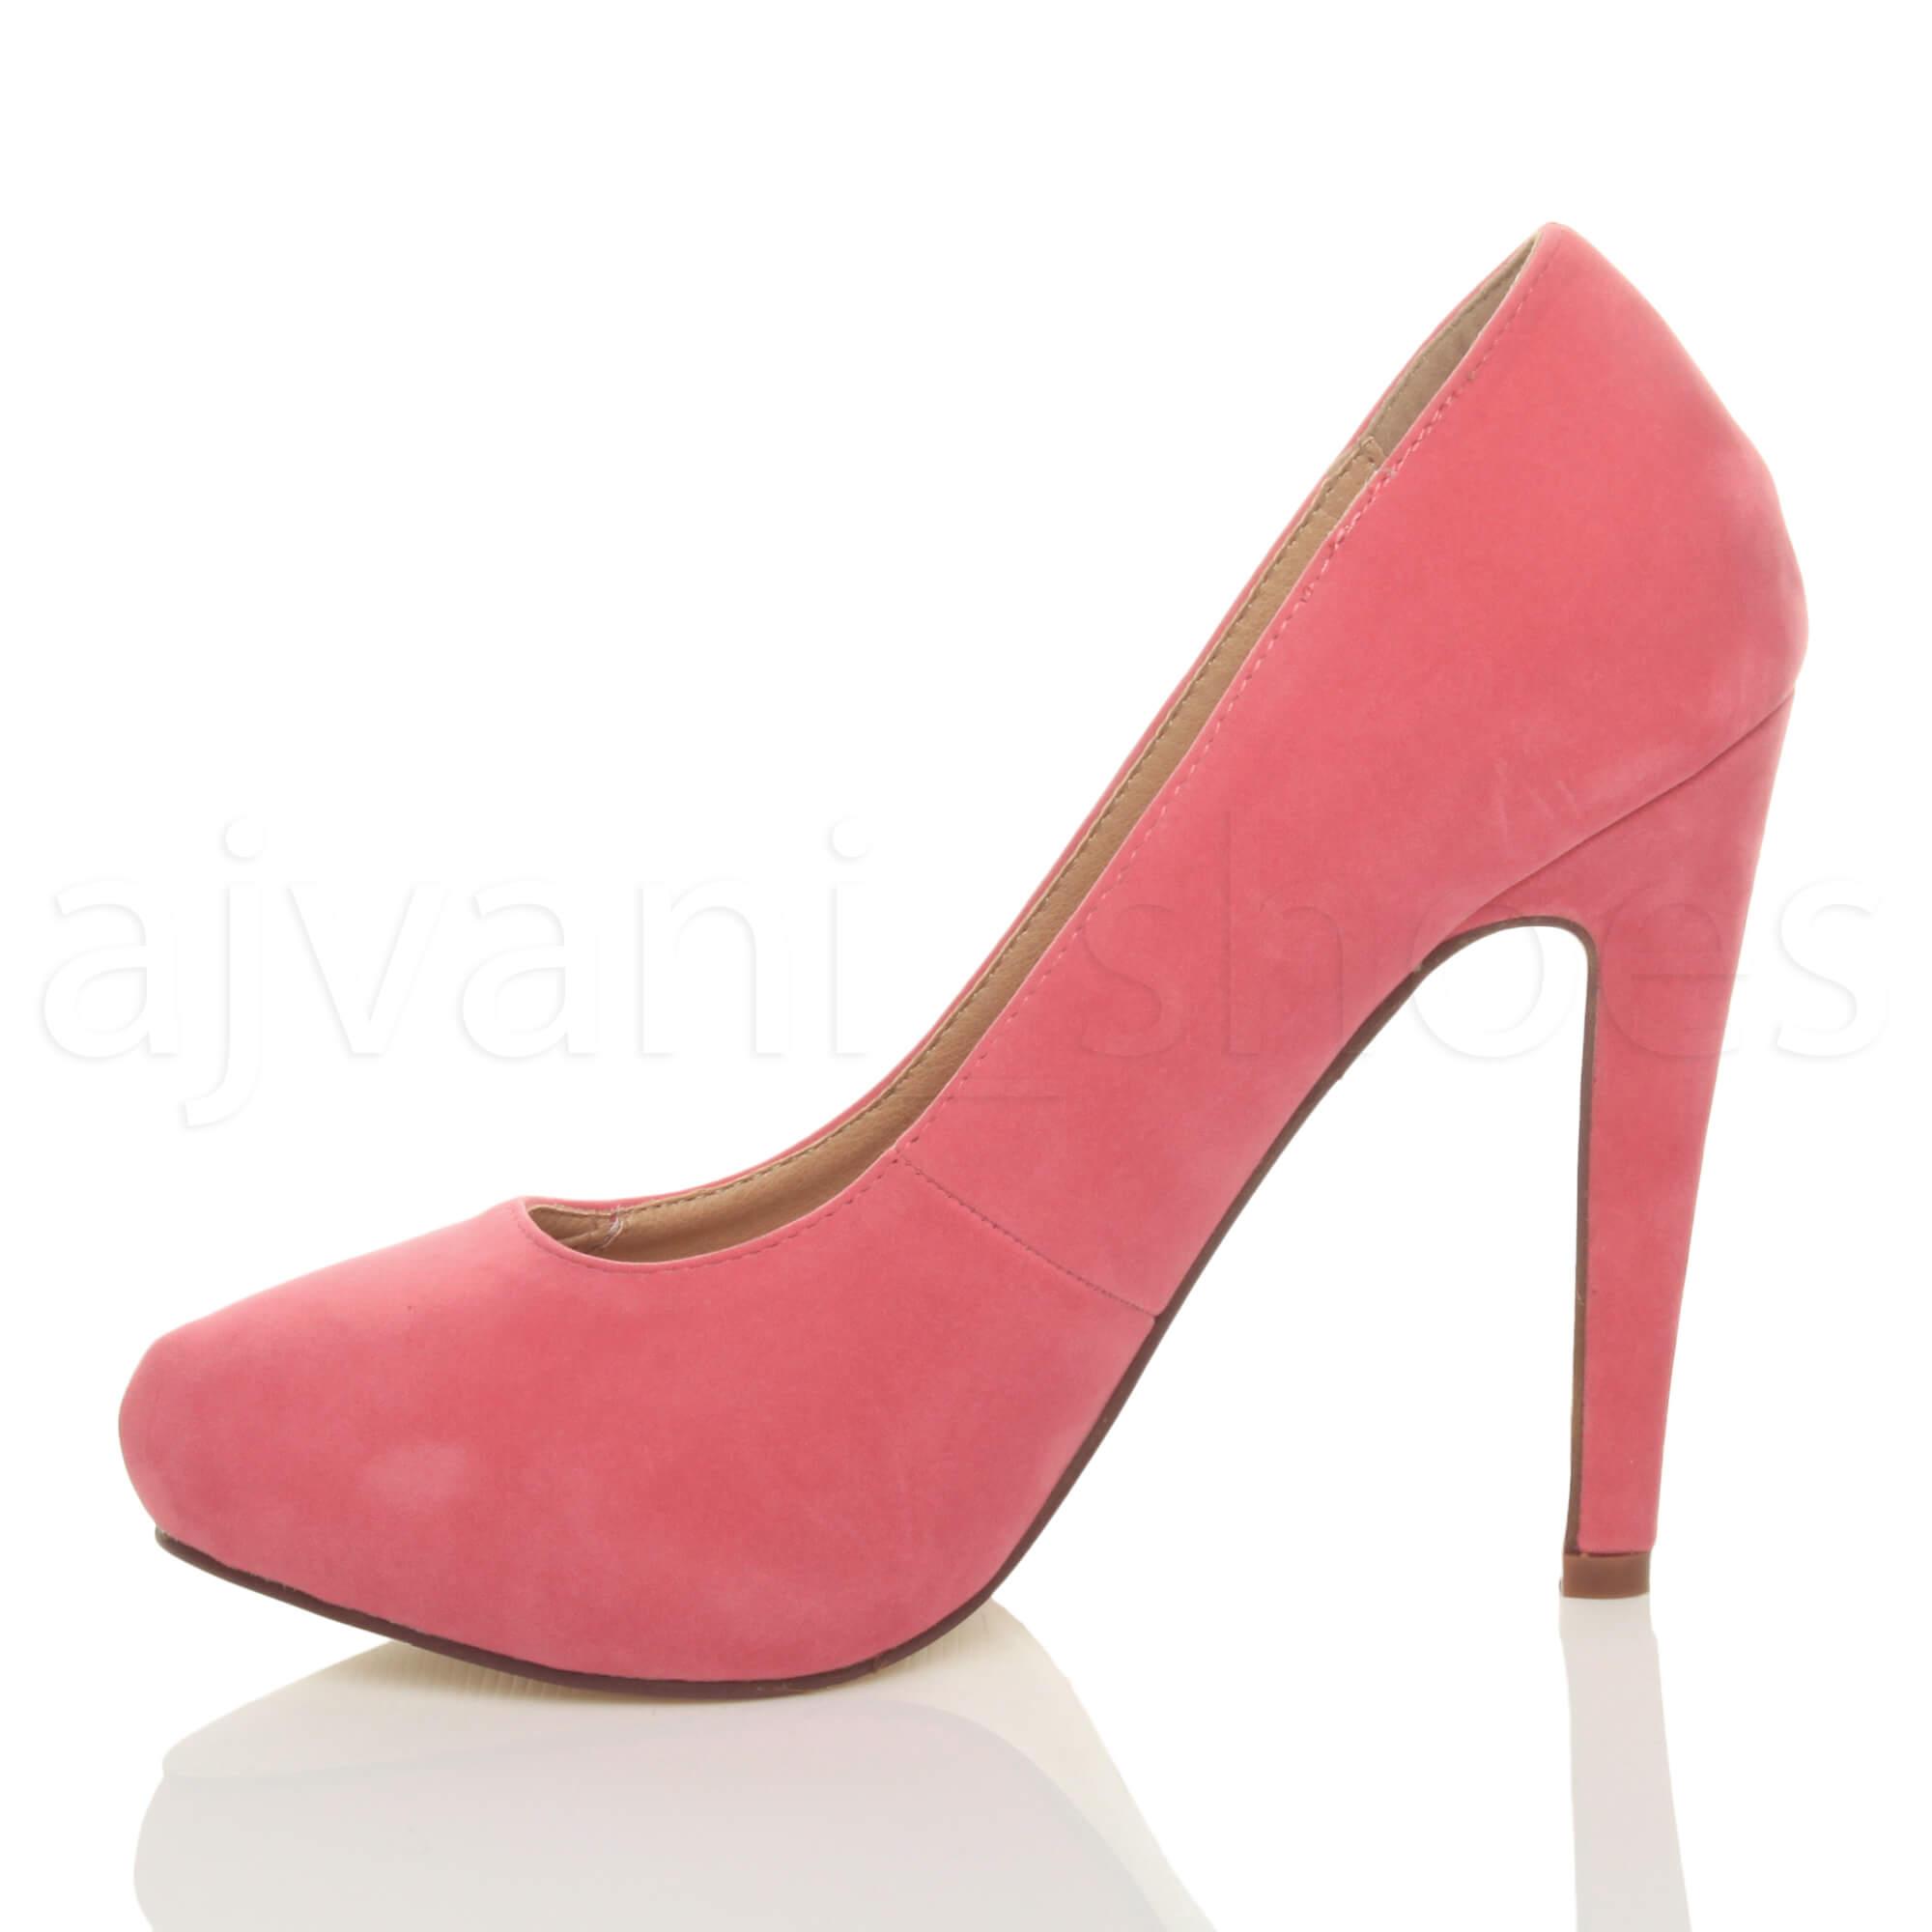 Tacón Talla Fiesta Zapatos Oculta Ebay Salón Mujer Alto Plataforma De W8nYqBvP